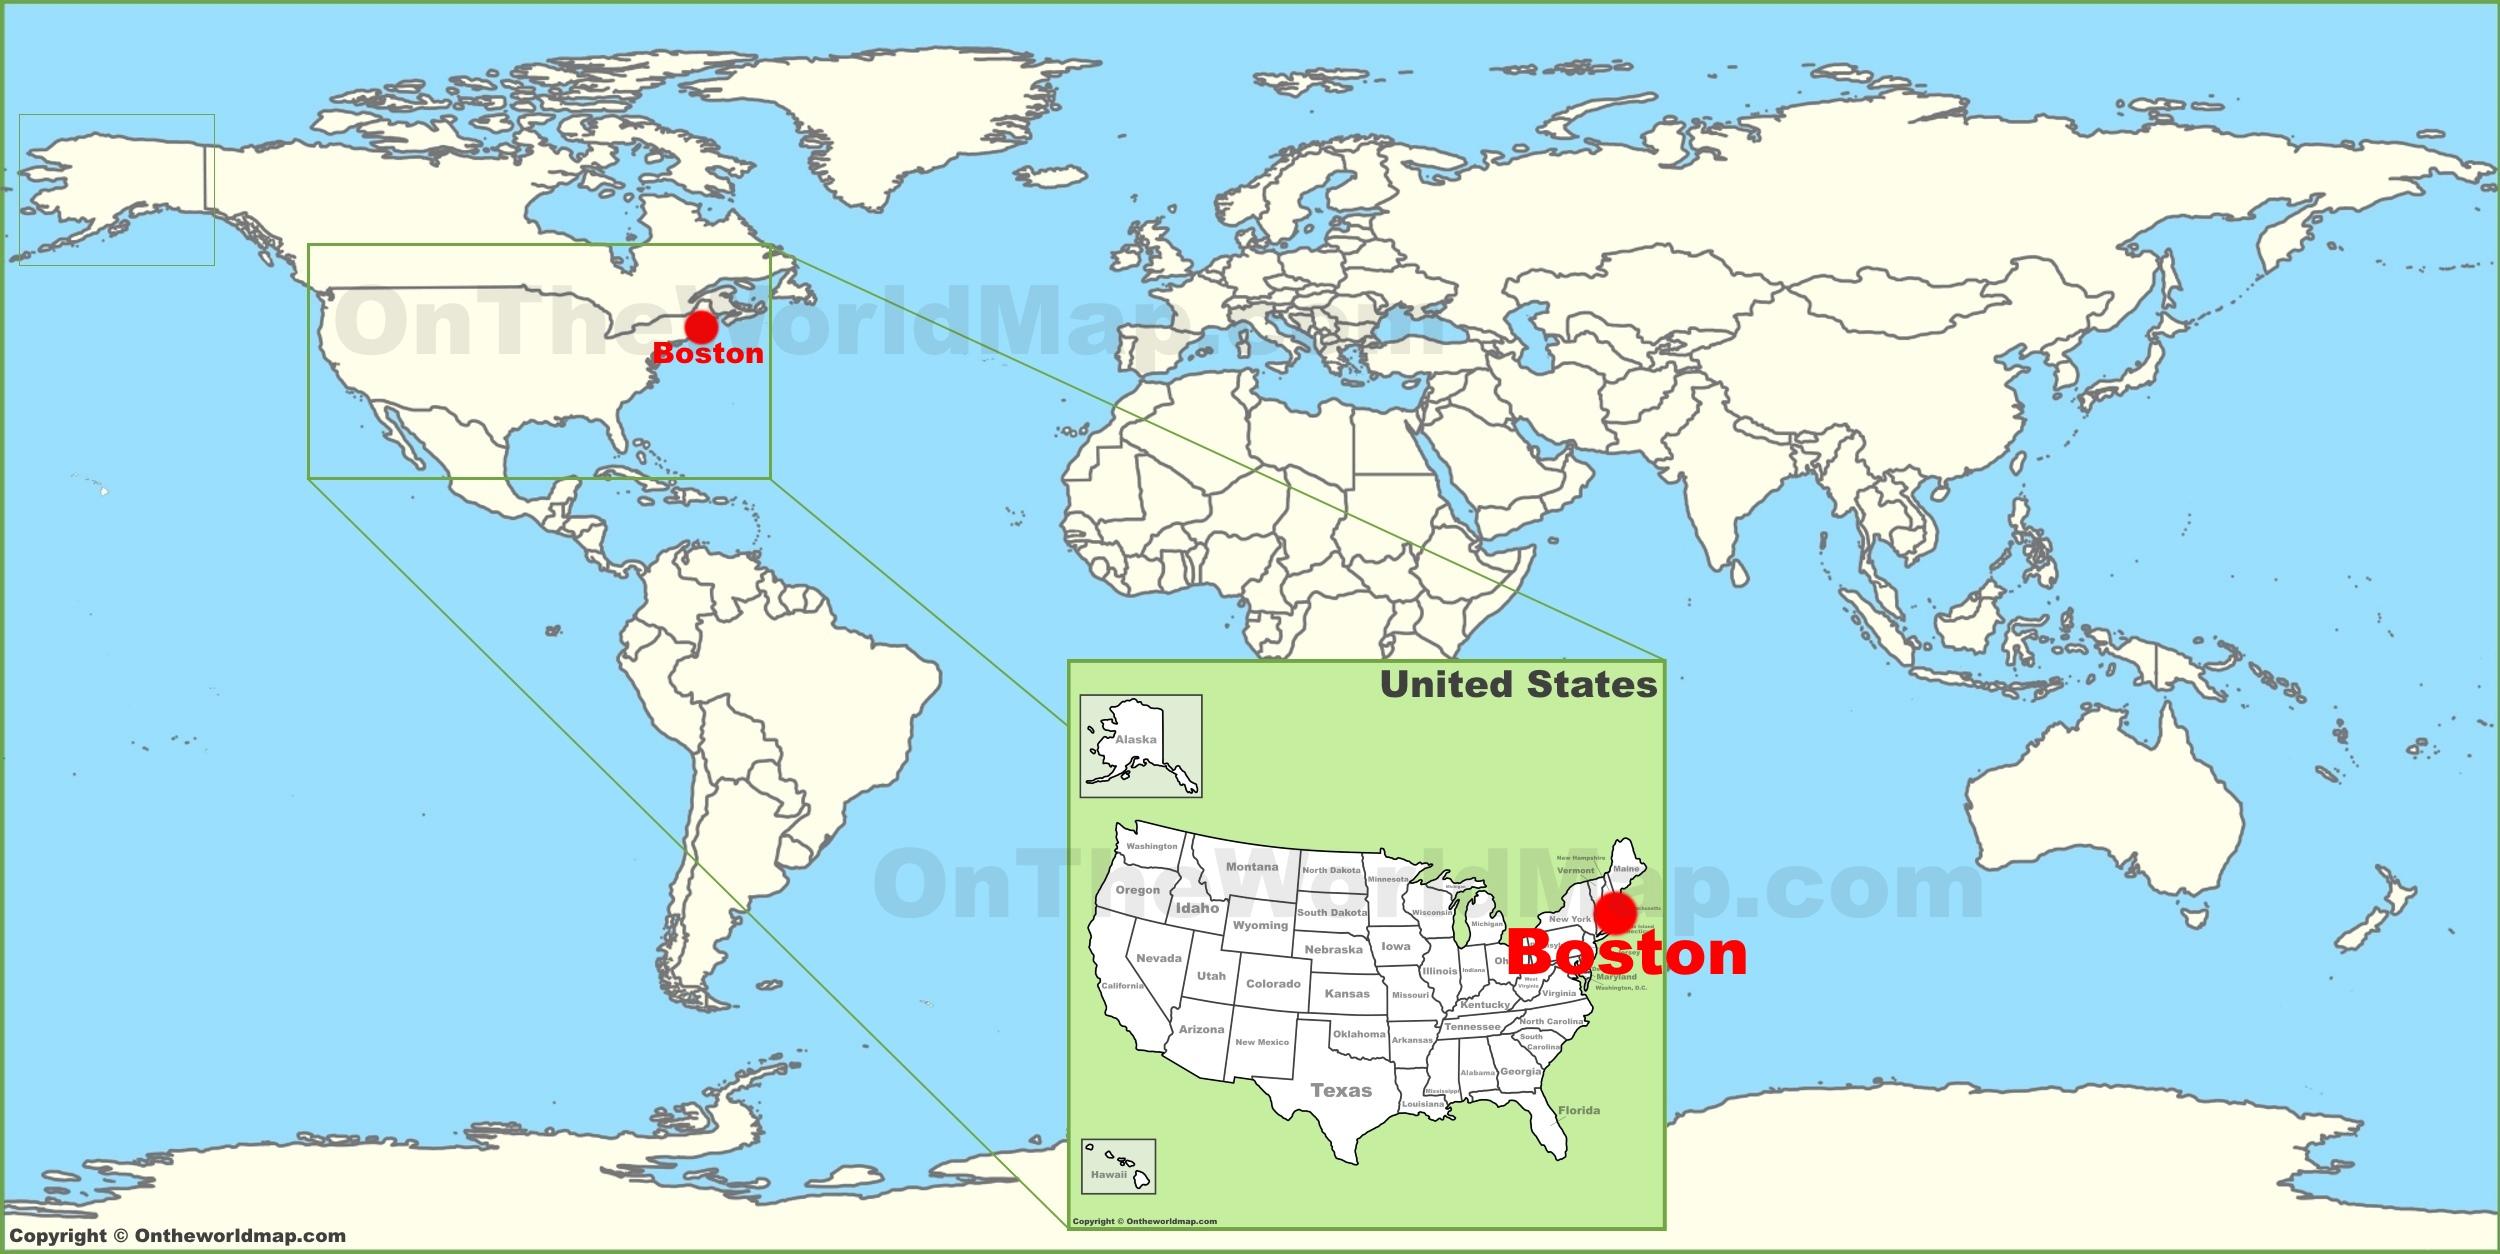 Boston Map Usa Boston on the World Map